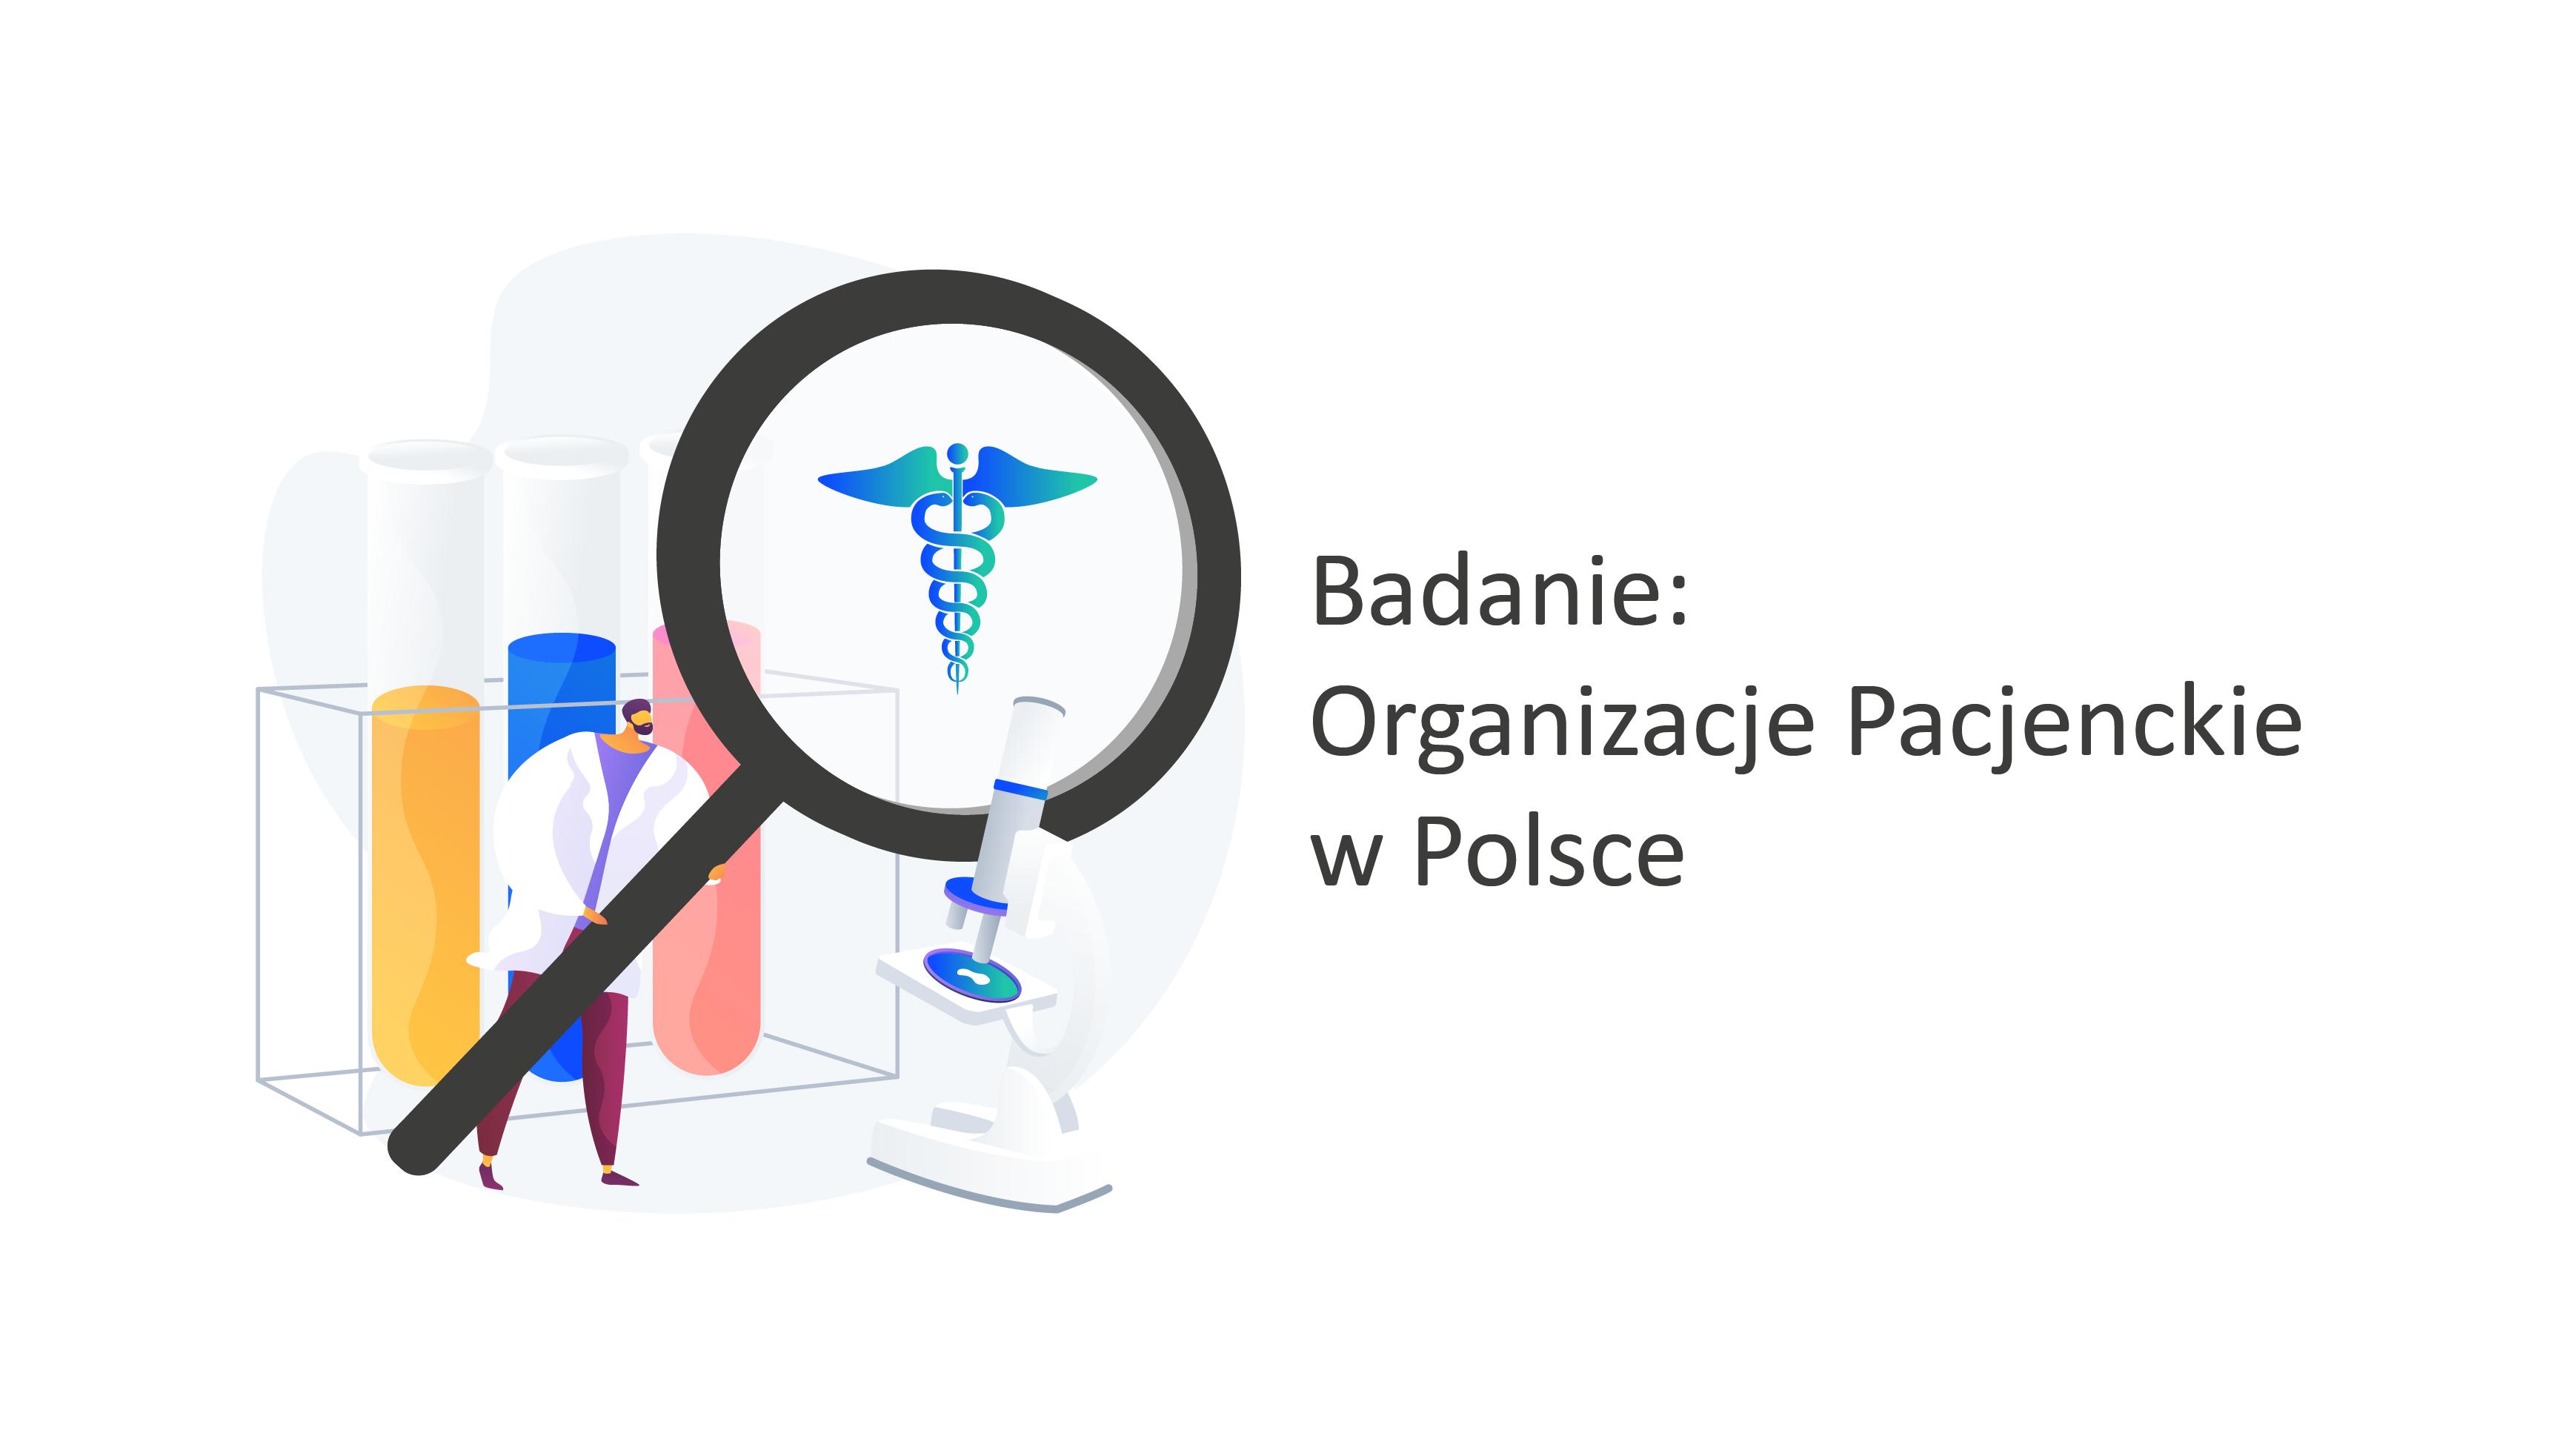 Badanie organizacje pacjenckie w Polsce